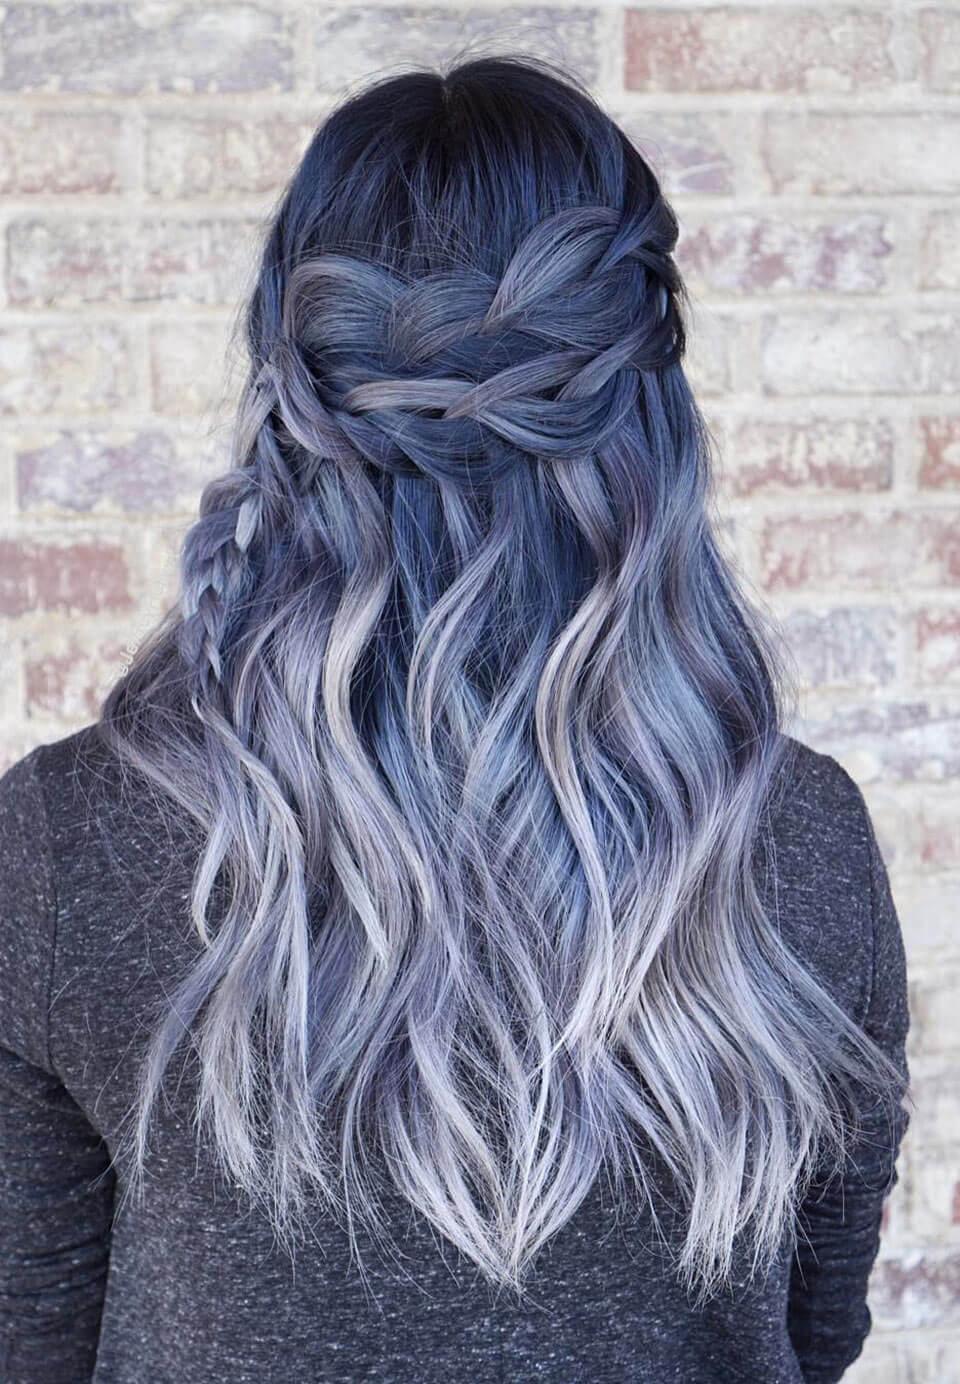 Cabelo azul: cabelos coloridos